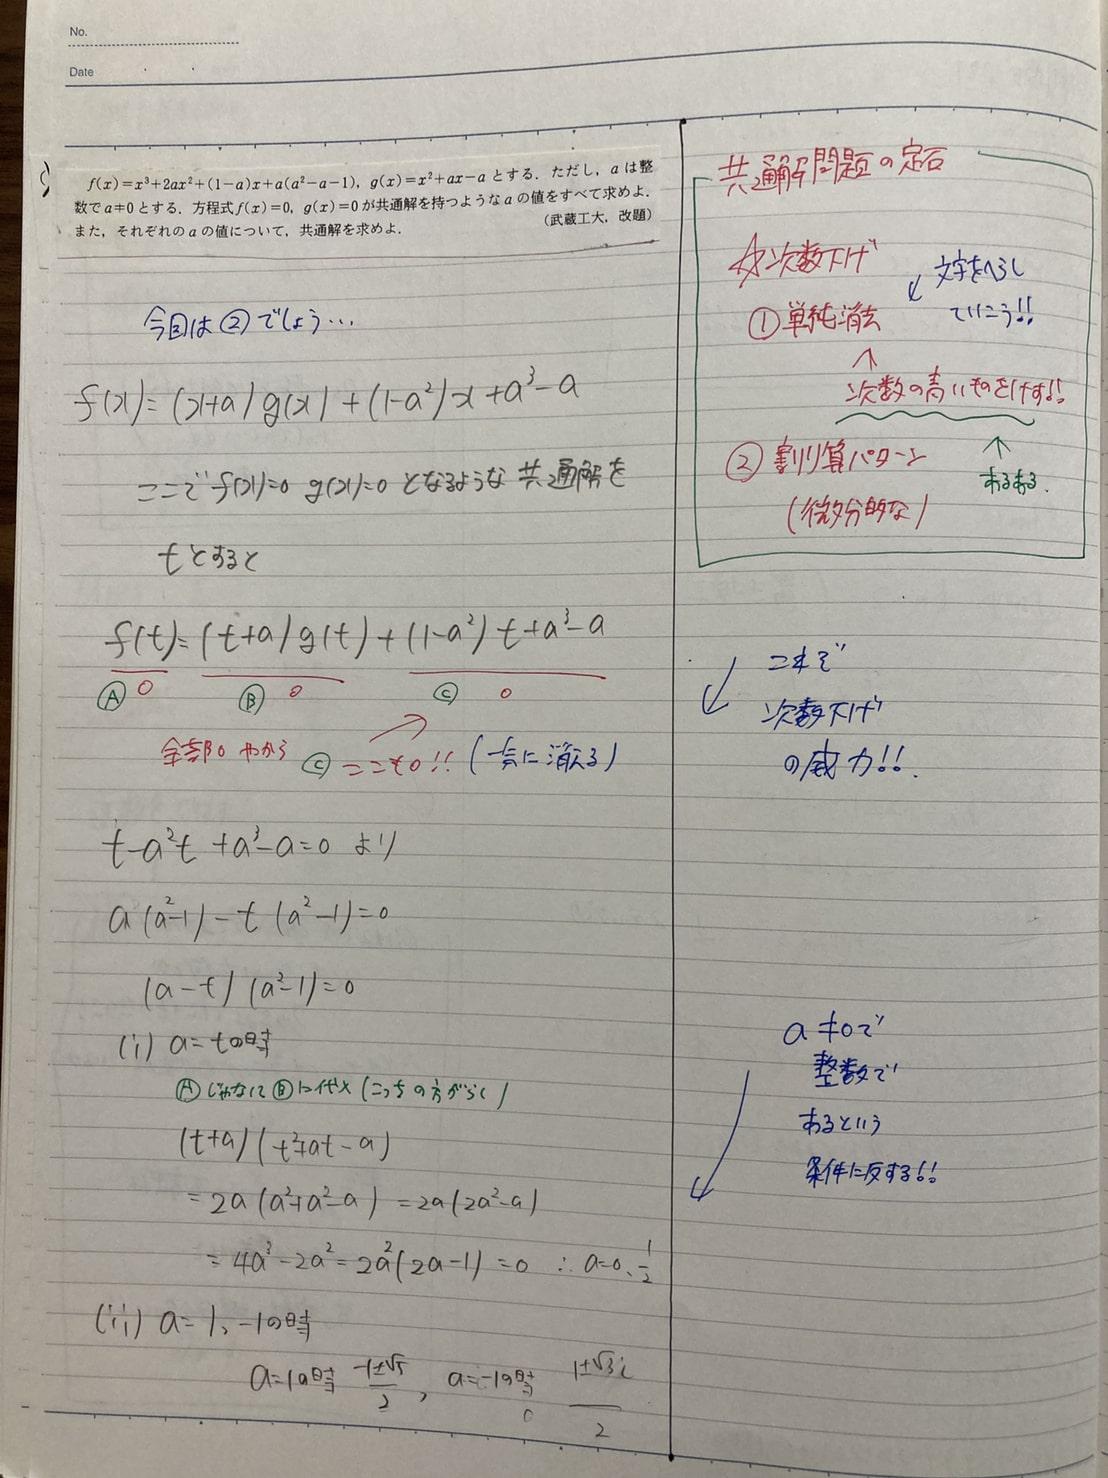 数学のまとめノート(共通解)